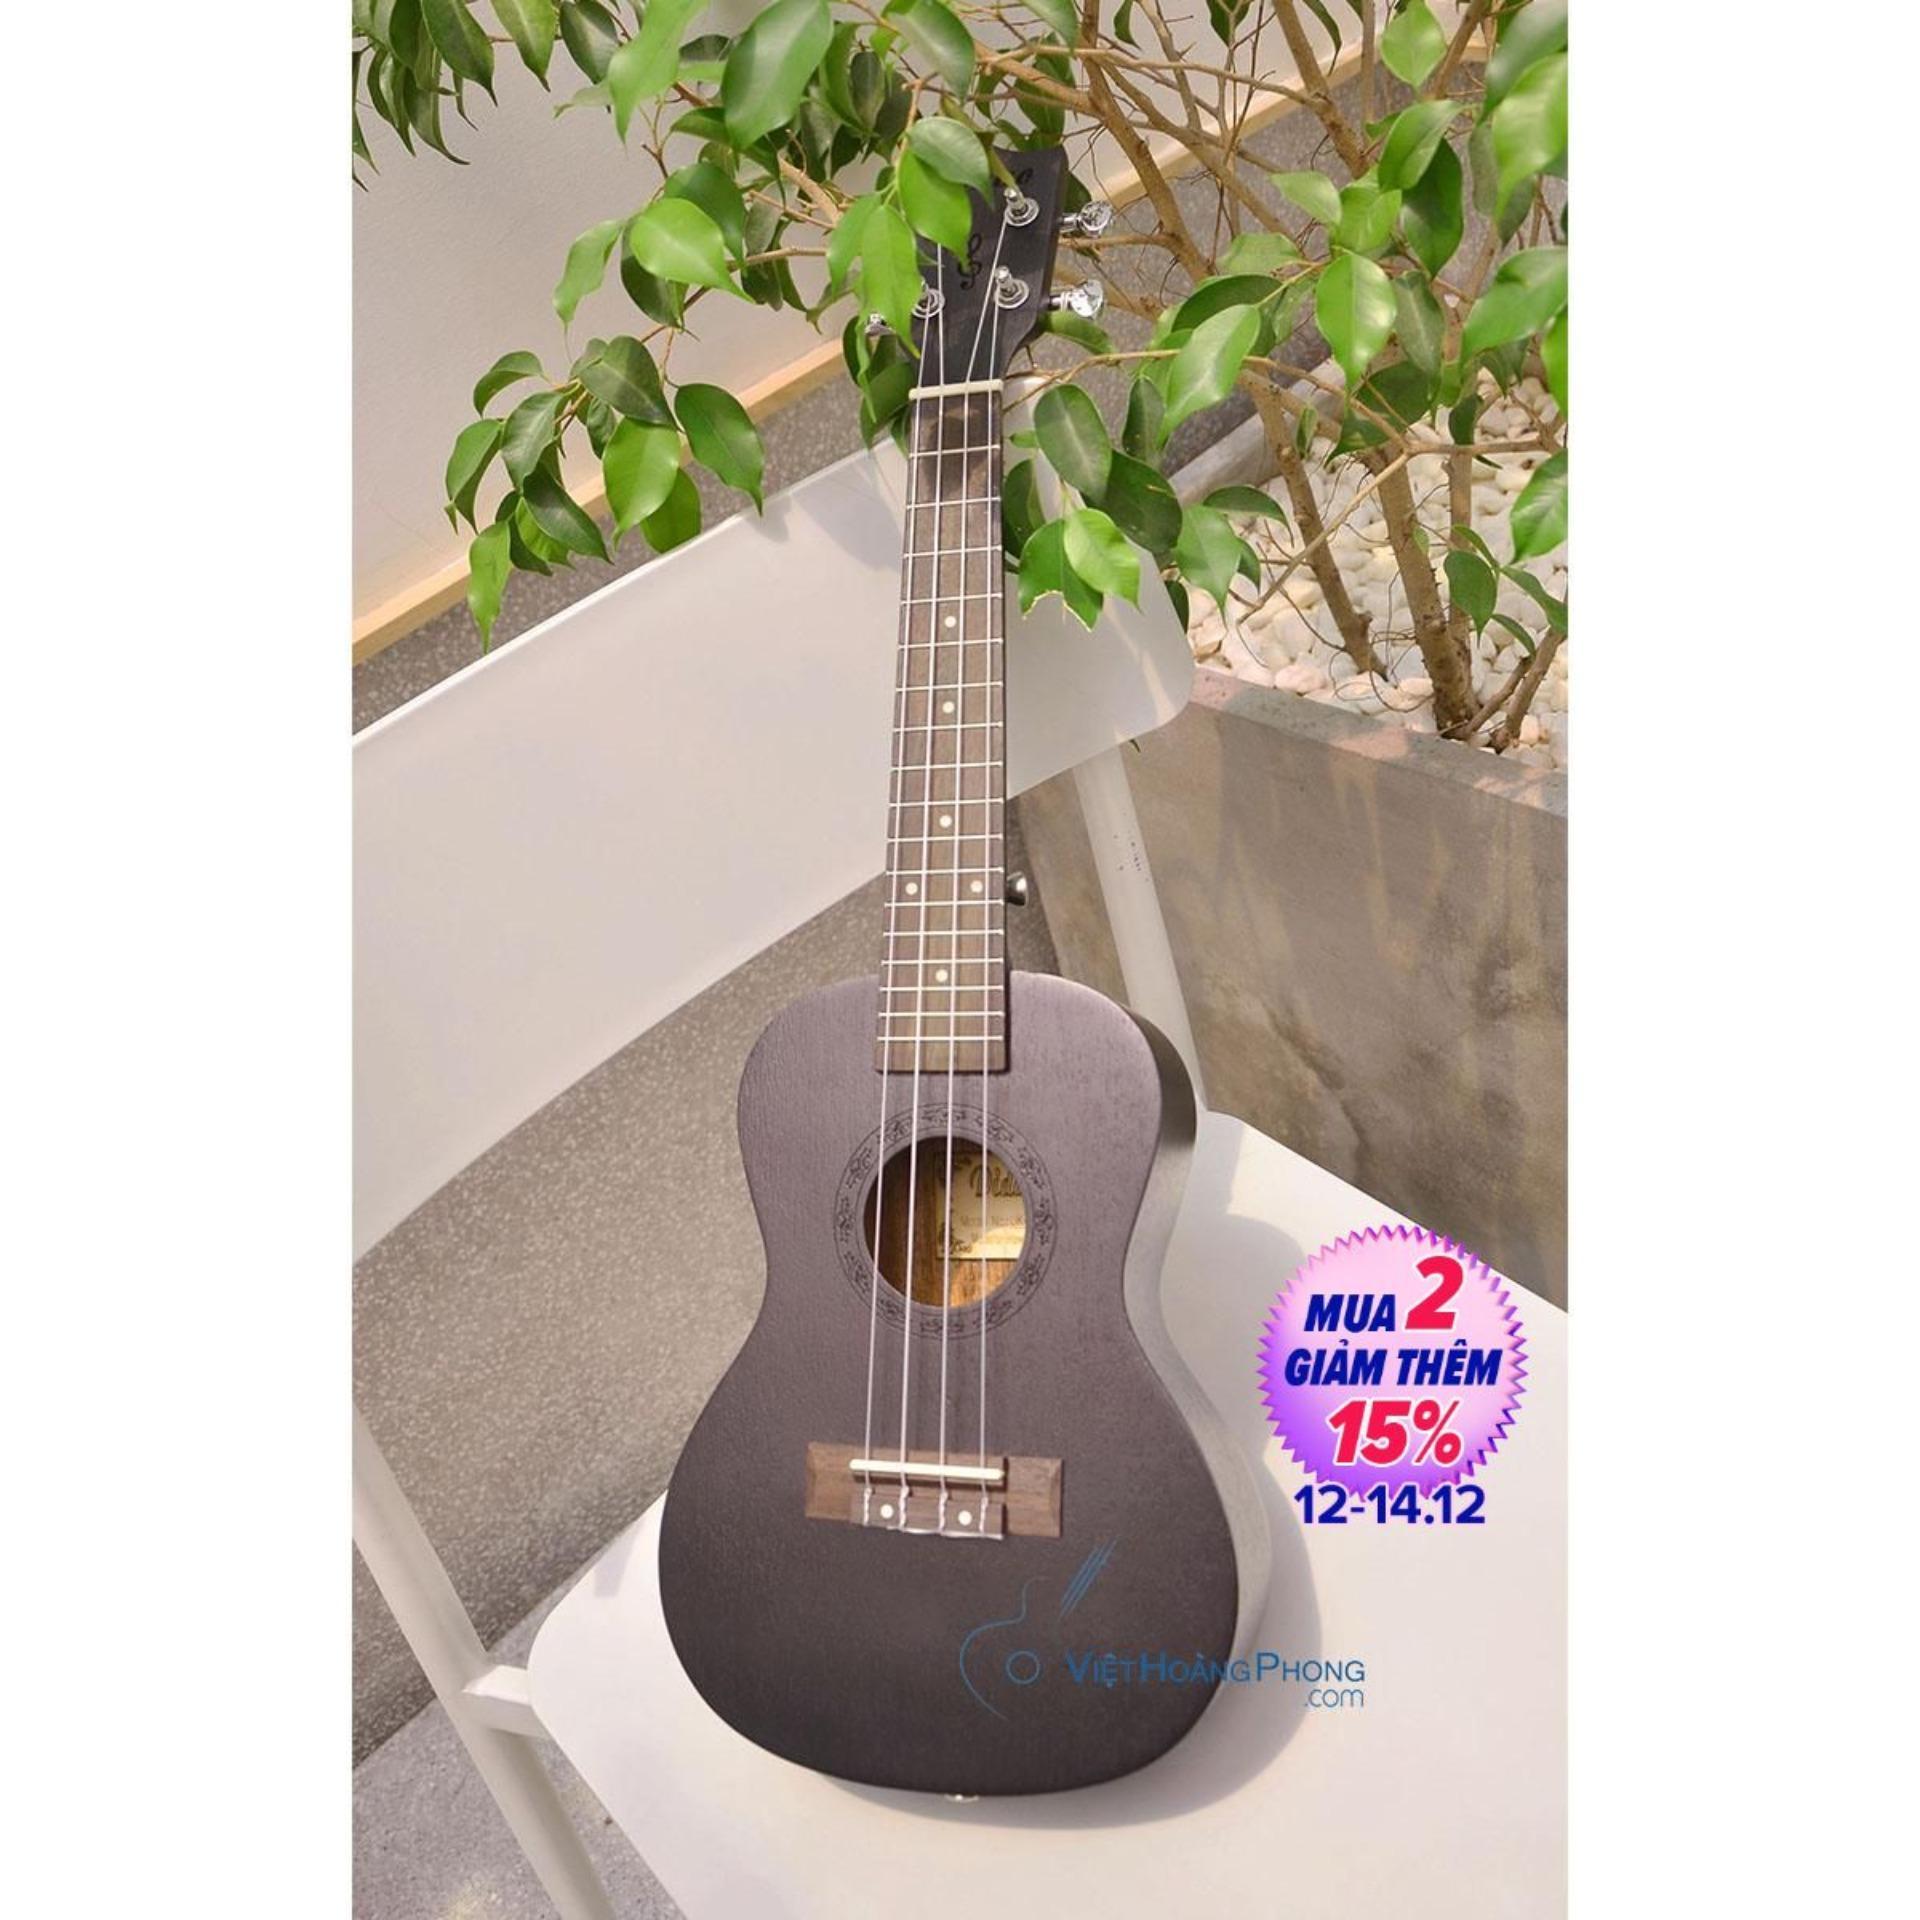 Đàn Ukulele Concert Diduo gỗ nguyên tấm UK-2300 tặng Bao da 3 lớp, Sách học, Phím gảy - HappyLive Shop